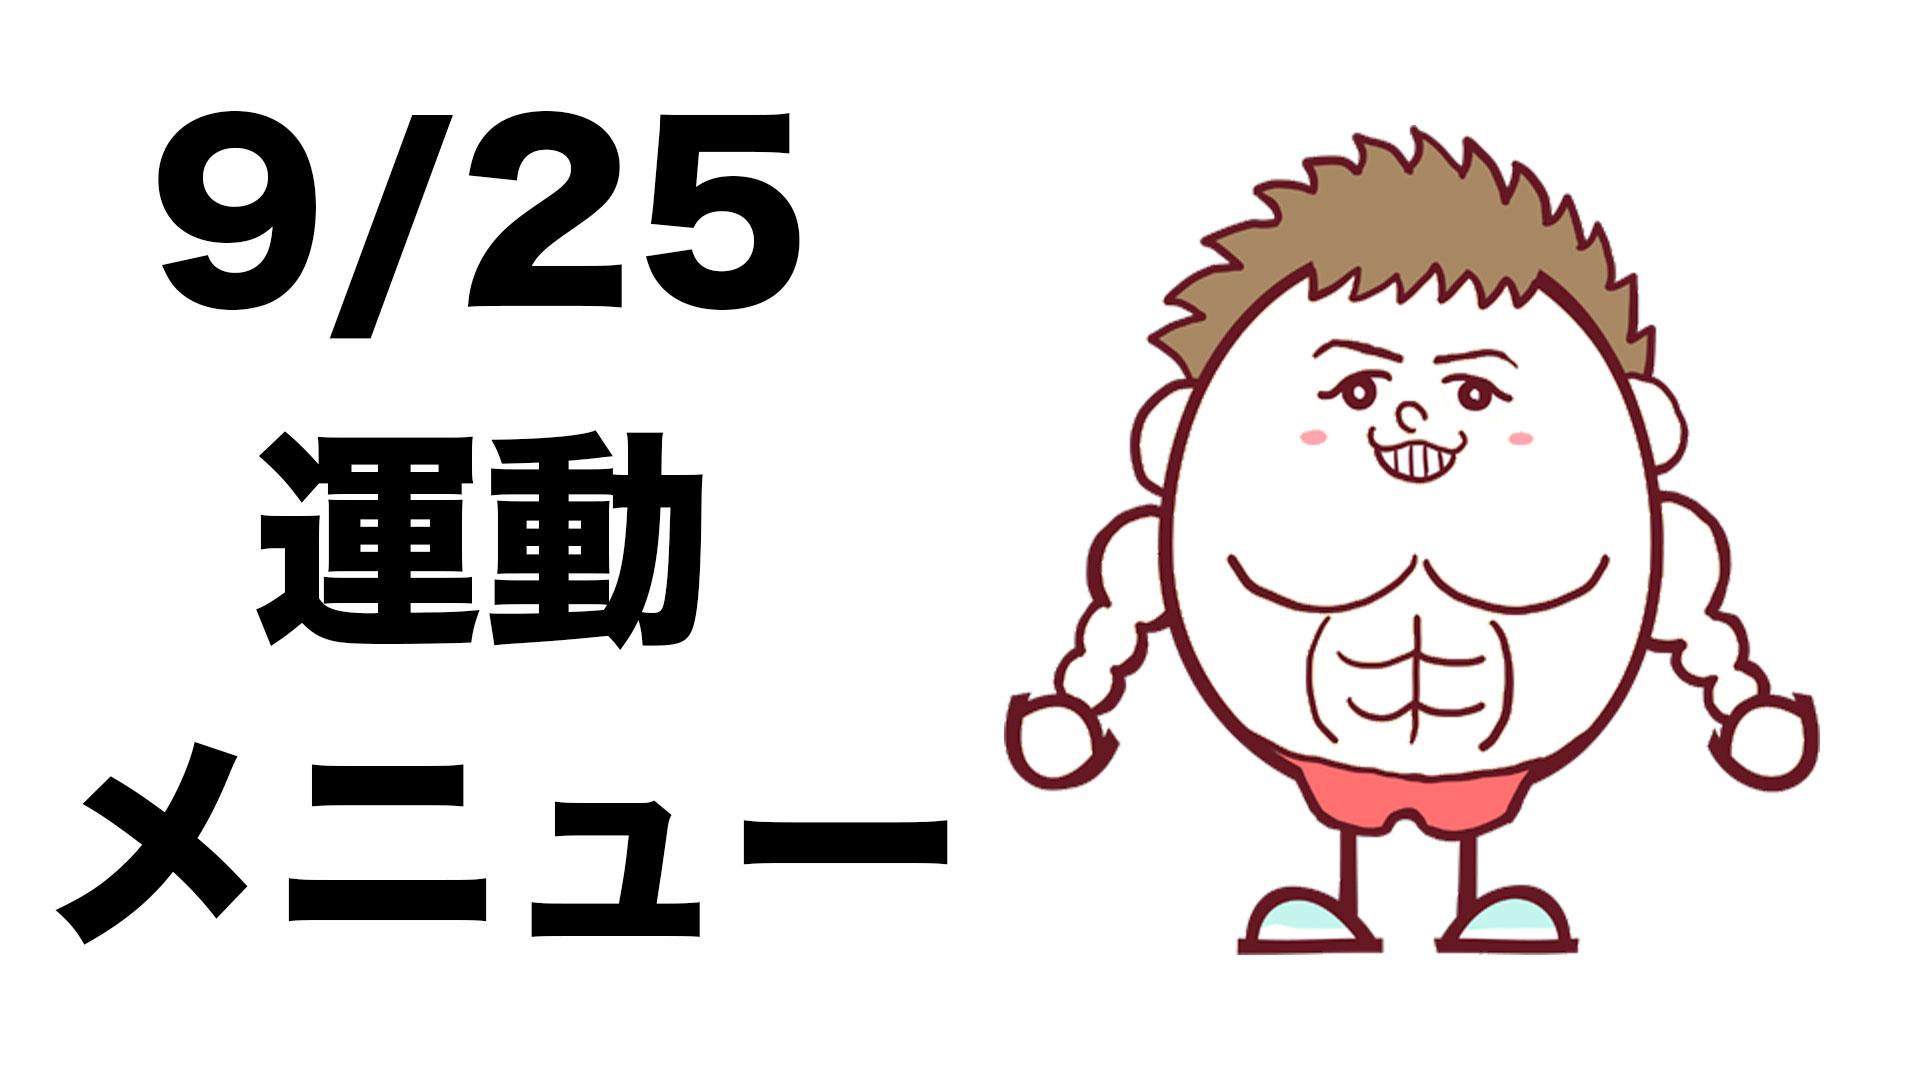 【ハロウィン筋トレ】9/25の腹筋を割る運動メニュー!